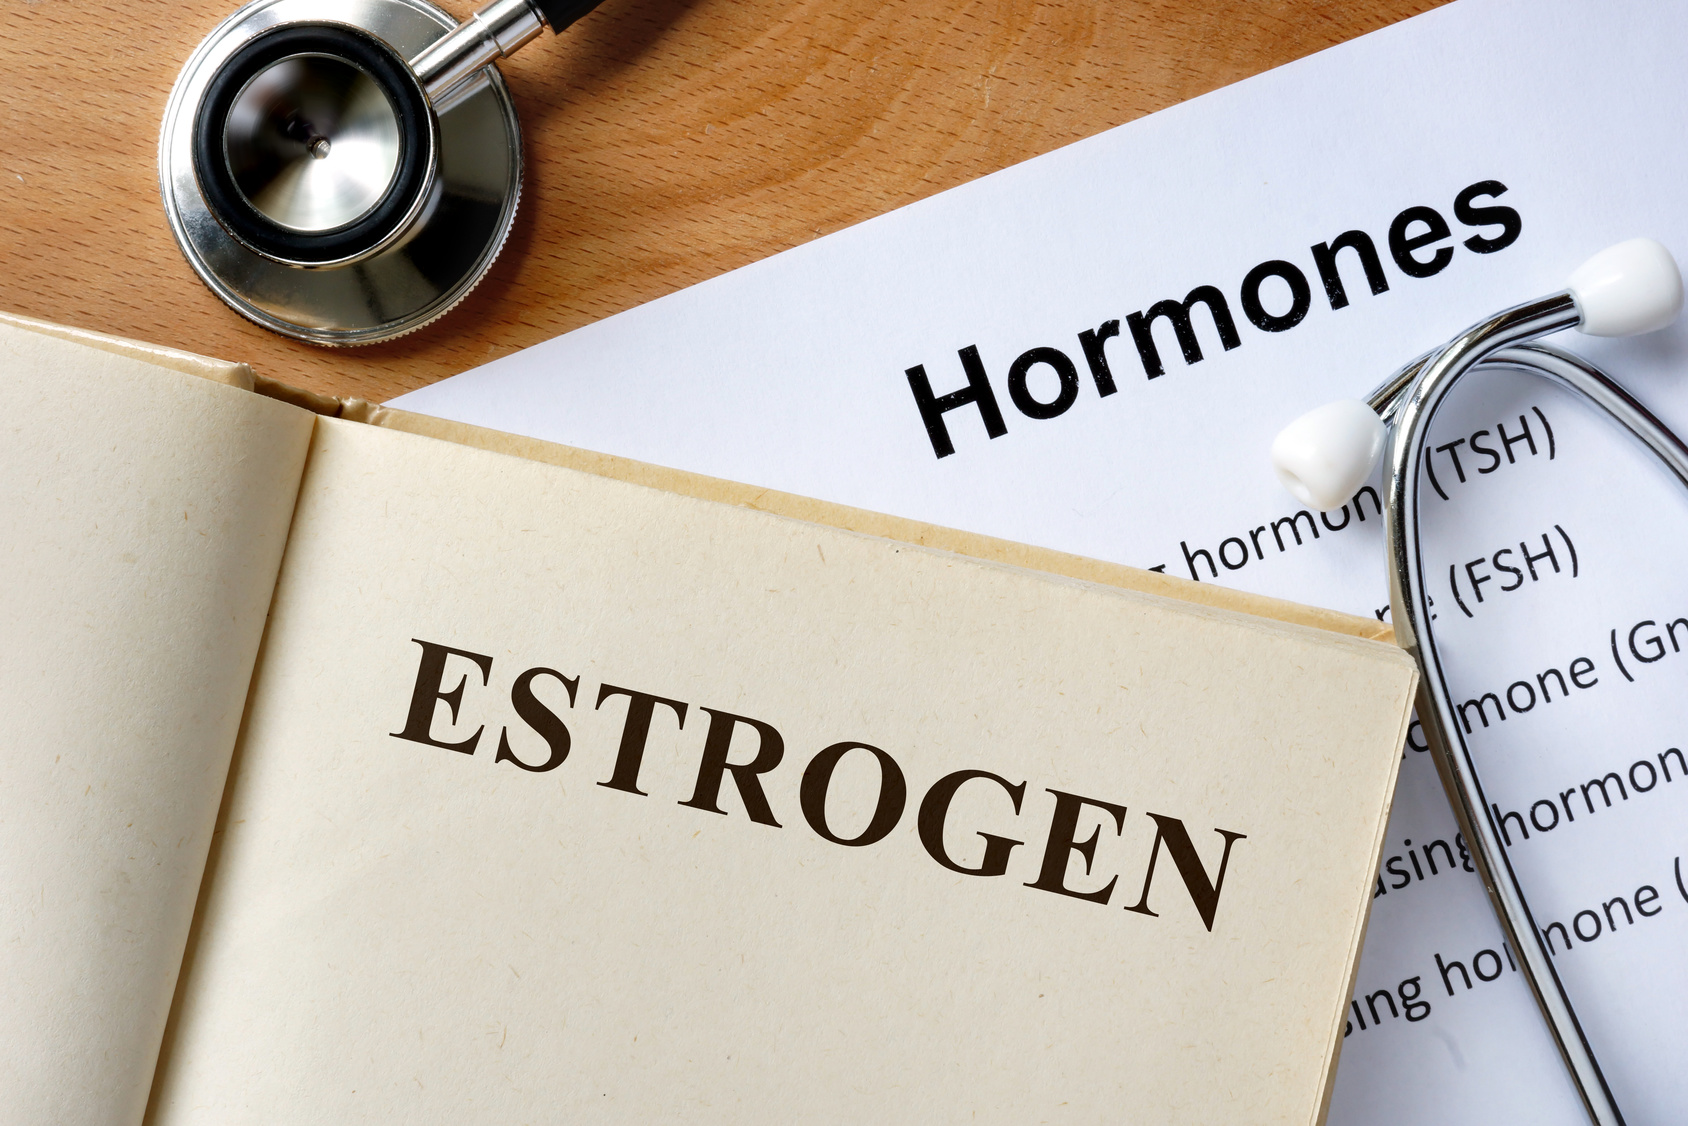 子宮内膜症の症状を軽くするための治療法は?